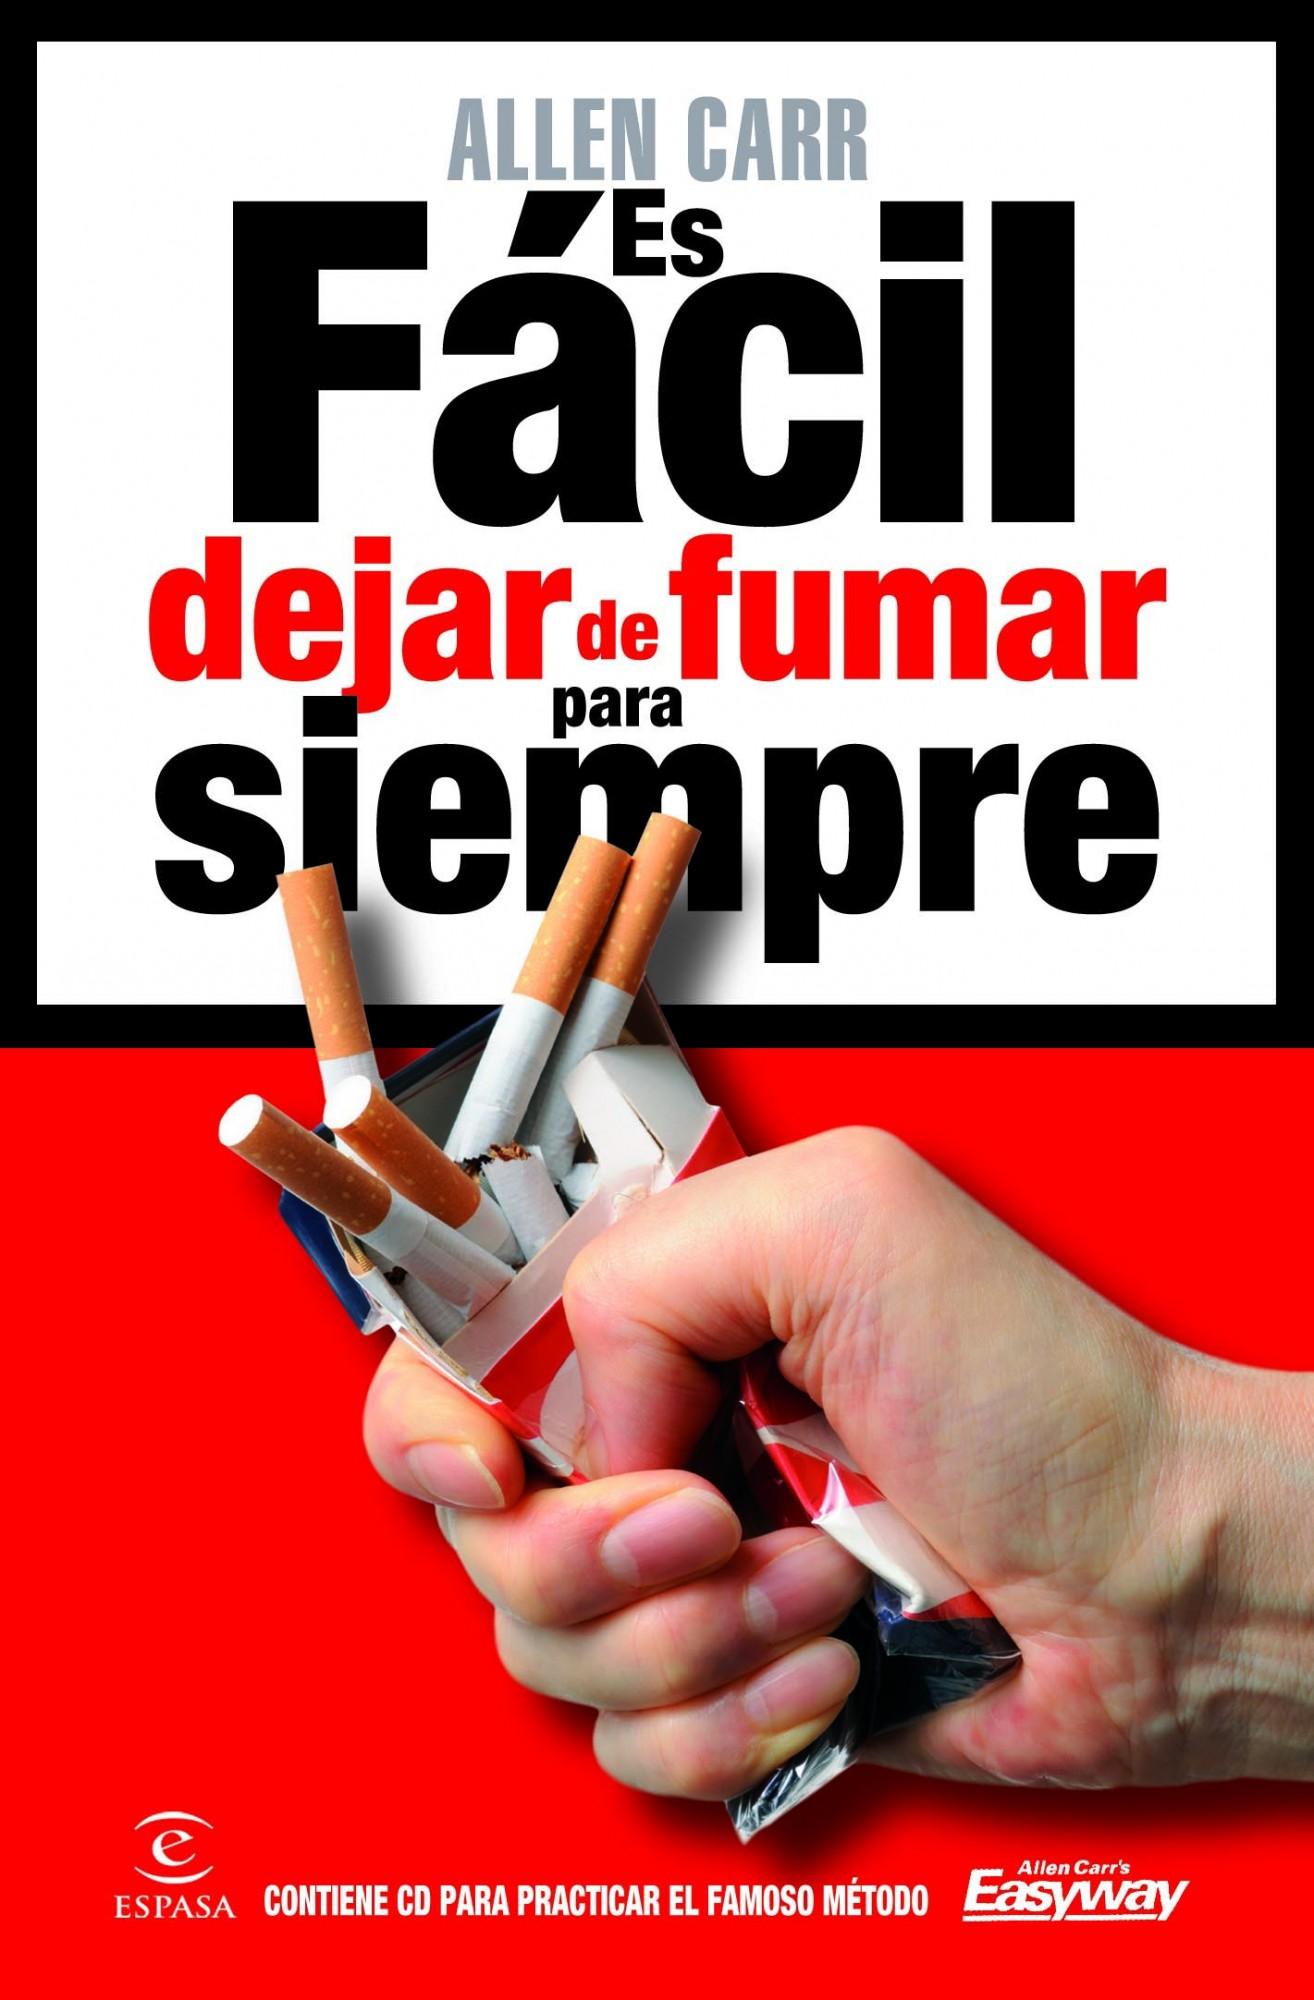 En que estación del año más vale dejar fumar